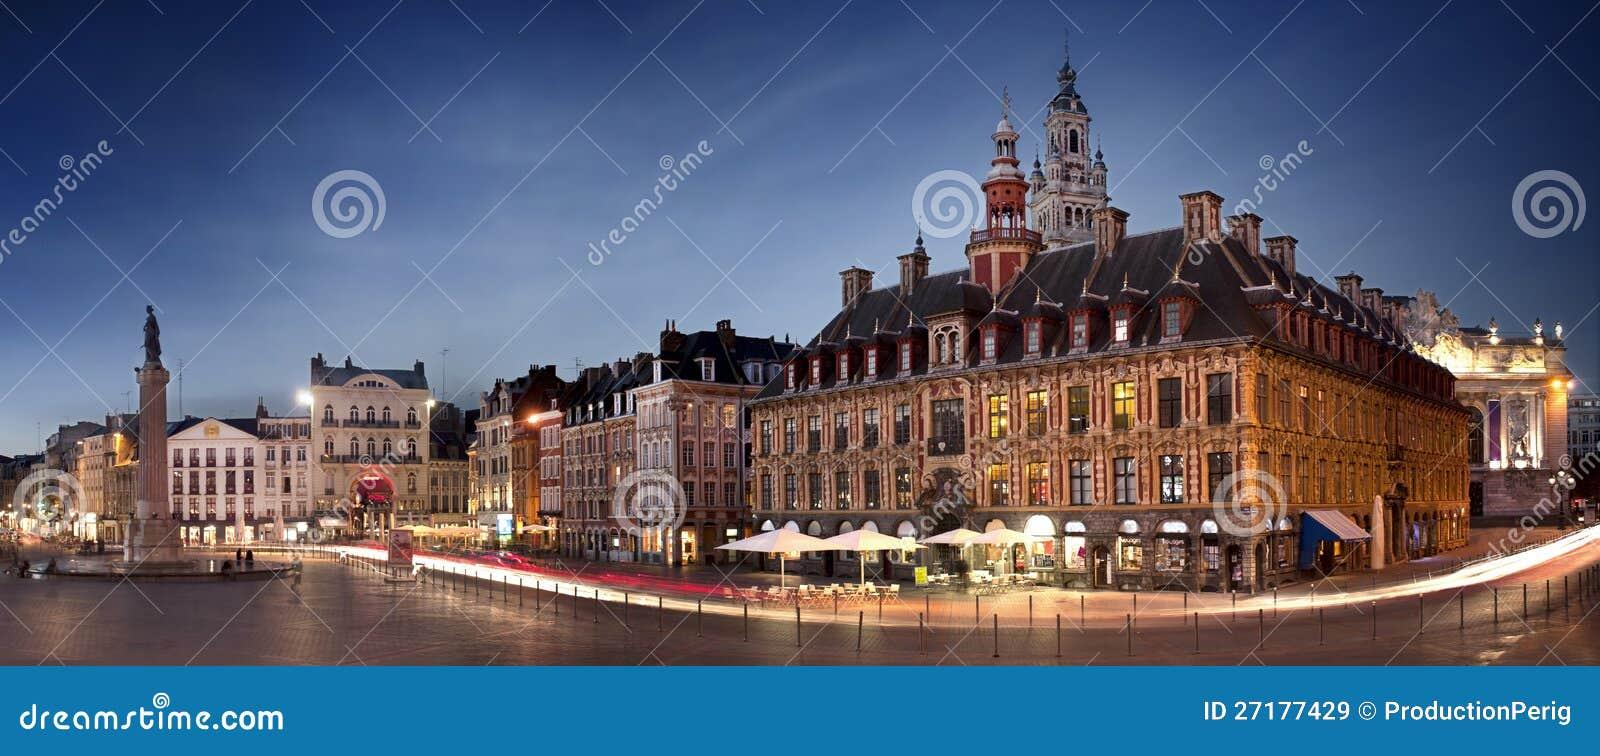 Hauptquadrat von Lille, Frankreich